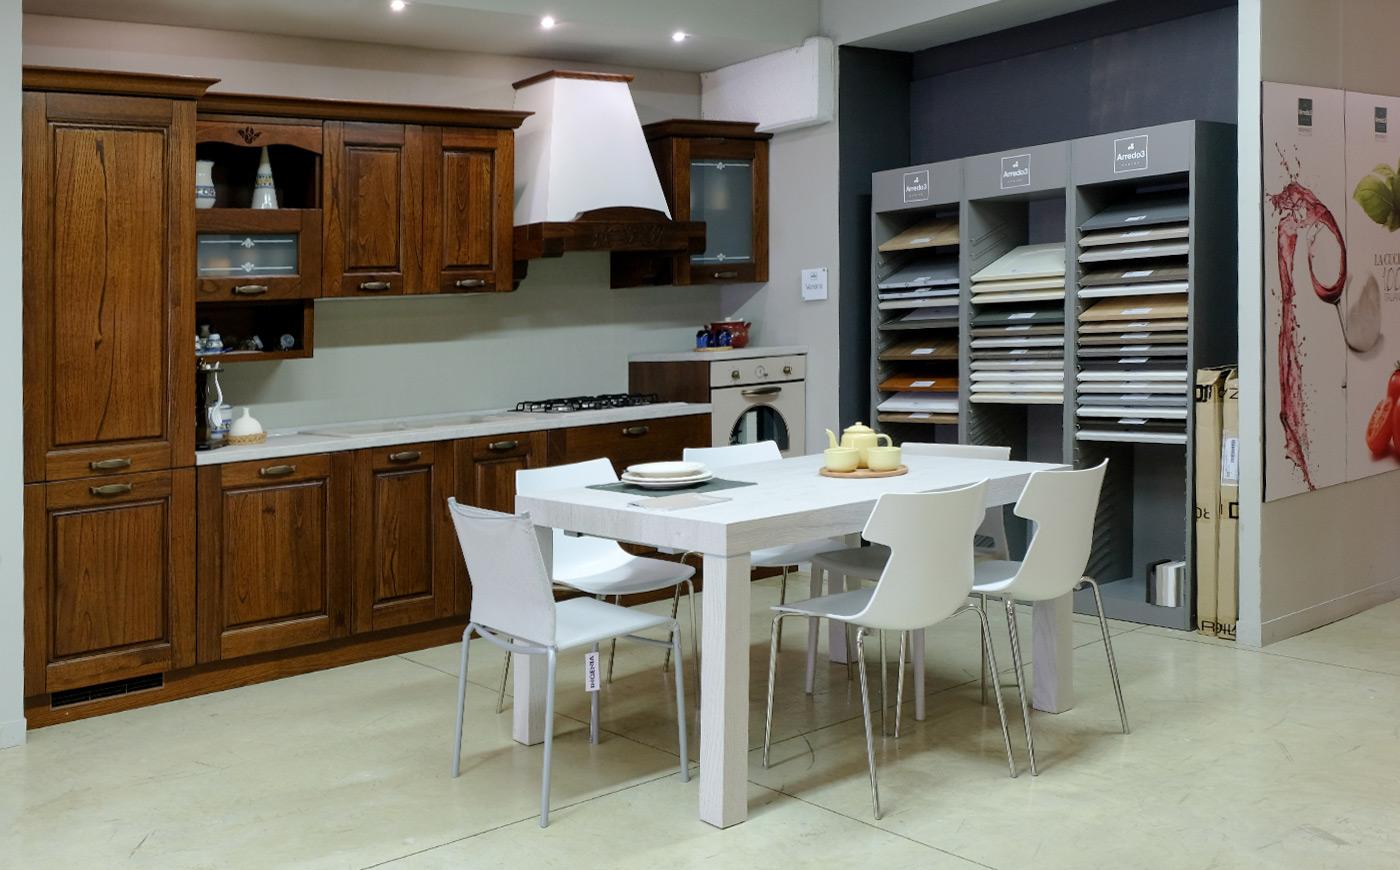 Cucina arredo 3 modello verona dil mobili arredamenti for Arredo verona